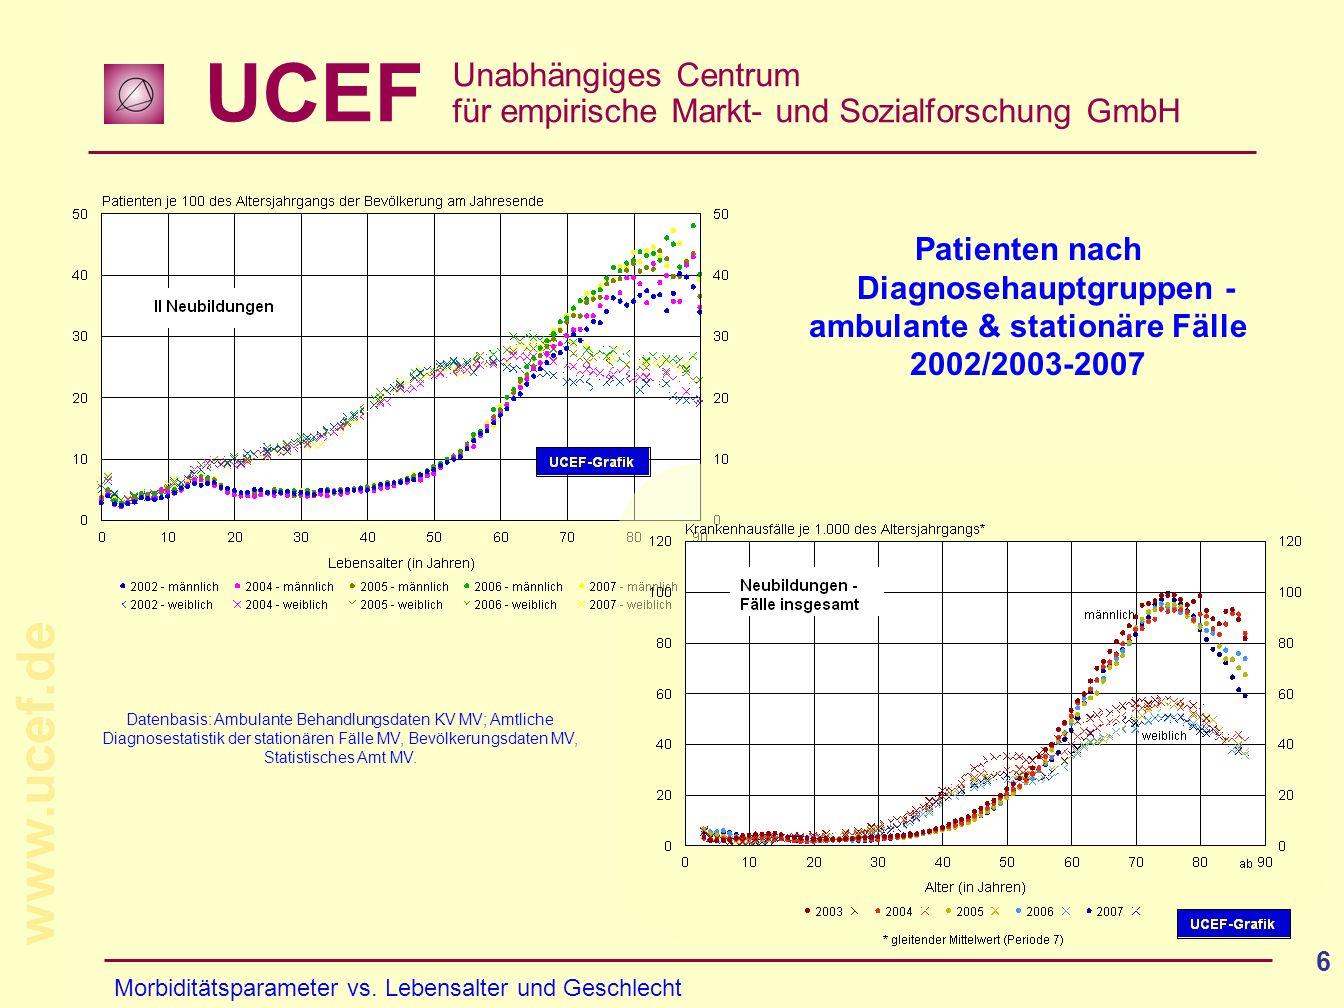 UCEF Unabhängiges Centrum für empirische Markt- und Sozialforschung GmbH www.ucef.de 6 Patienten nach Diagnosehauptgruppen - ambulante & stationäre Fä